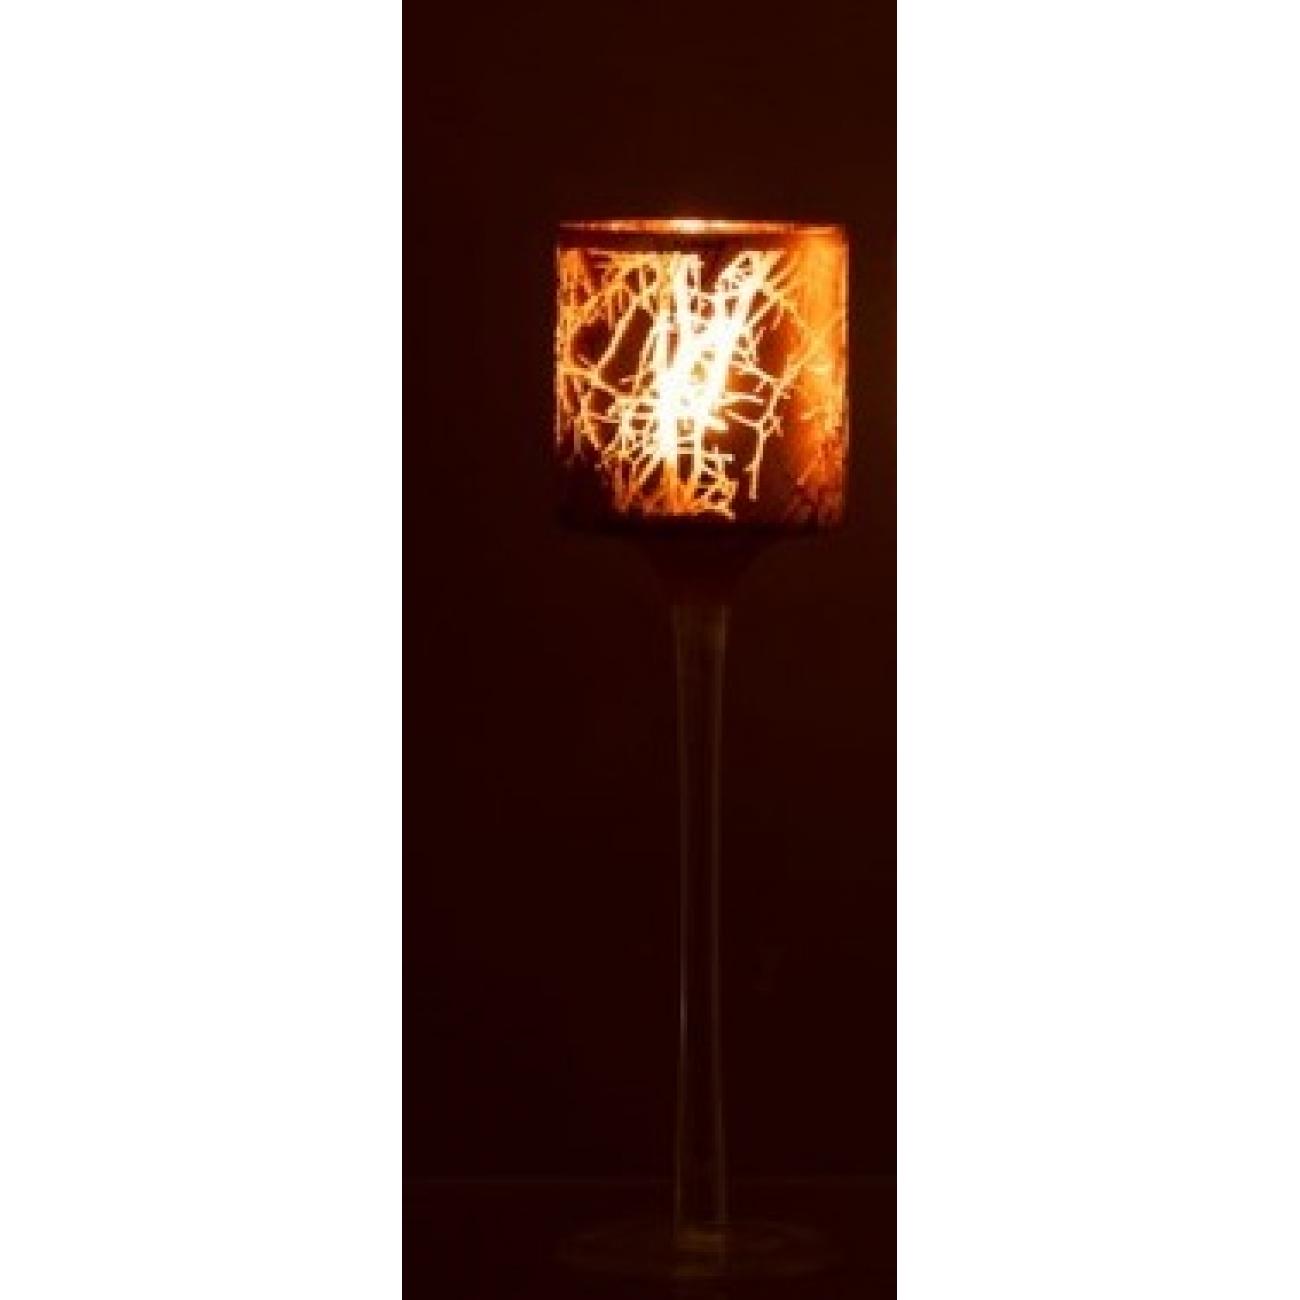 Подсвечник J-LINE стеклянный темно-коричневый с узором на тонкой ножке высота 25 см